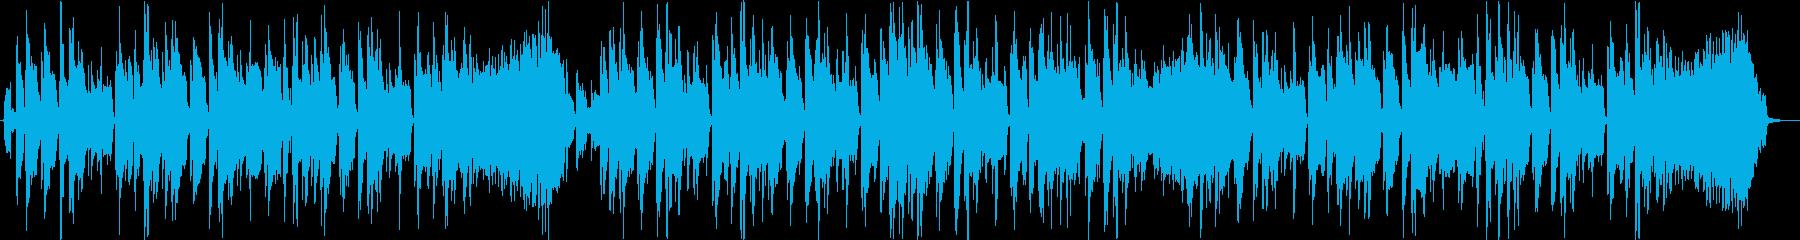 シンセリードによるのファンキーなジングルの再生済みの波形